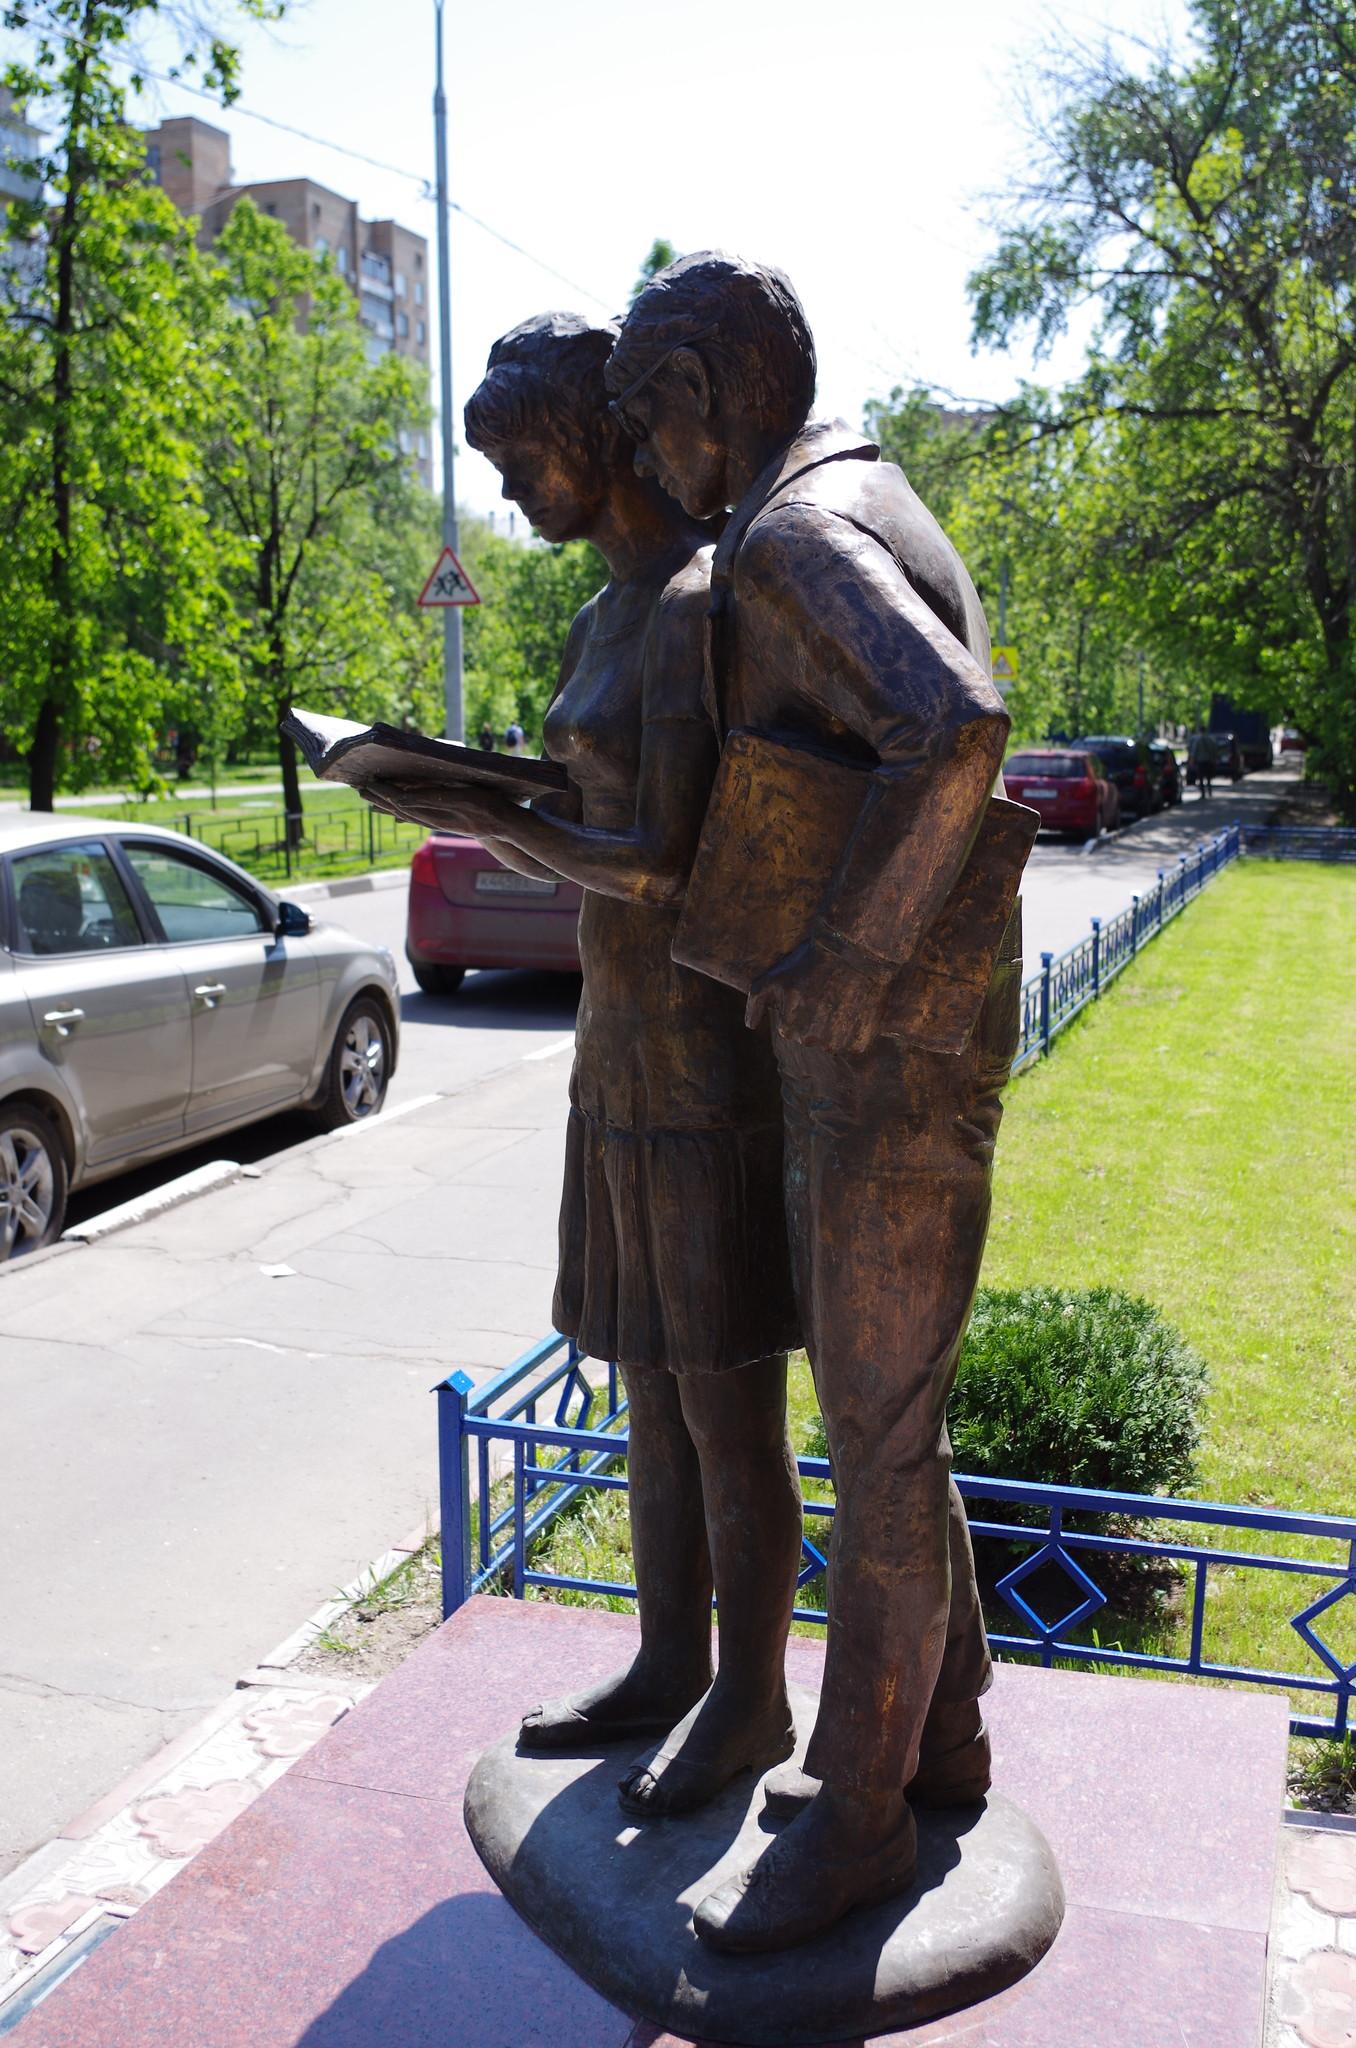 Памятник Шурику и Лиде. Московский экономический институт (улица Артюхиной, дом 6, корпус 1)